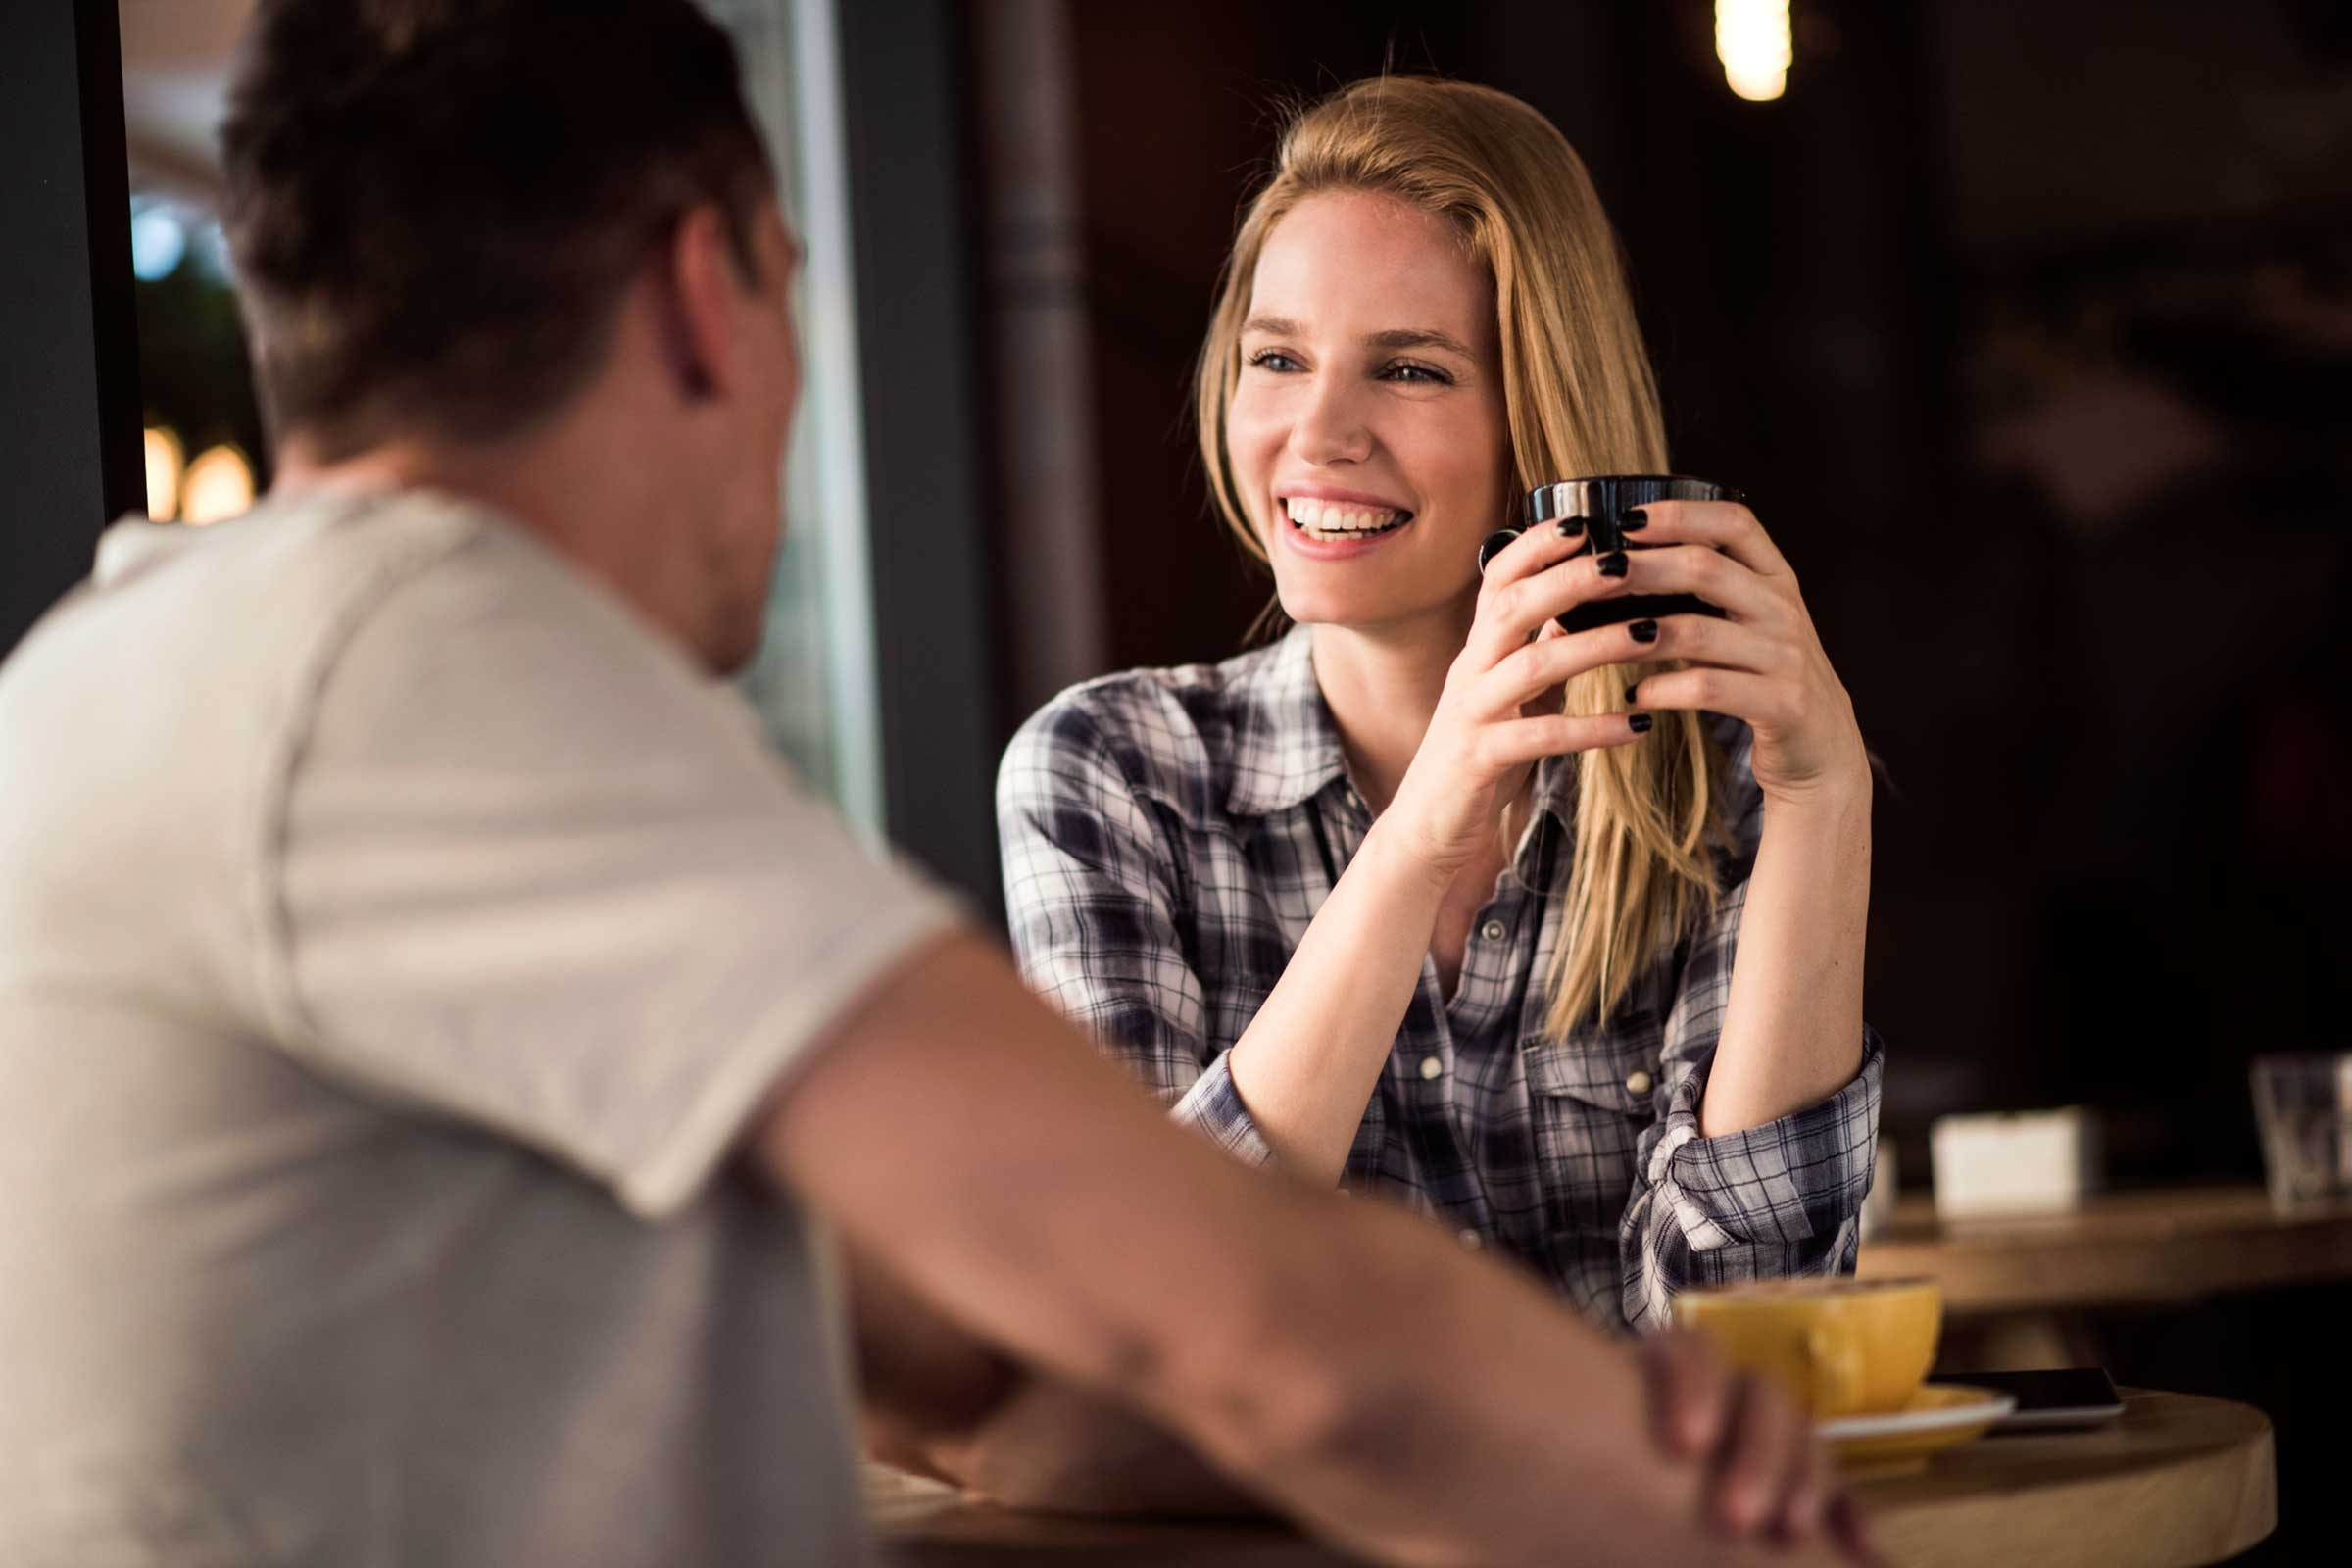 Même si vous avez fait une sorte de plongée virtuelle dans l'univers numérique de vos nouveaux amis, ne soyez pas étonné du léger malaise lors de votre première rencontre.